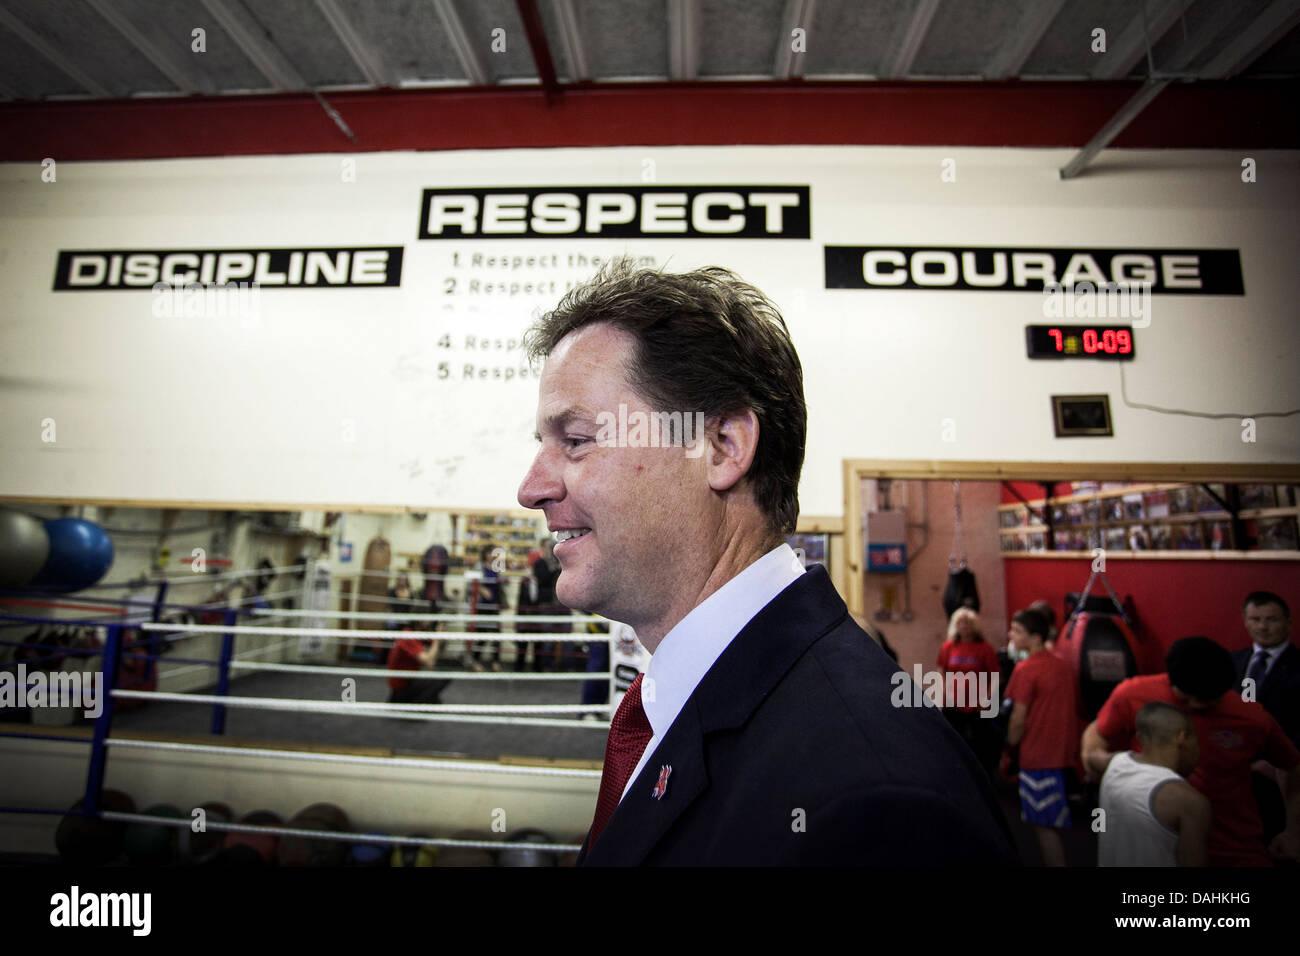 Nick Clegg rispetto il coraggio di segni di disciplina Immagini Stock